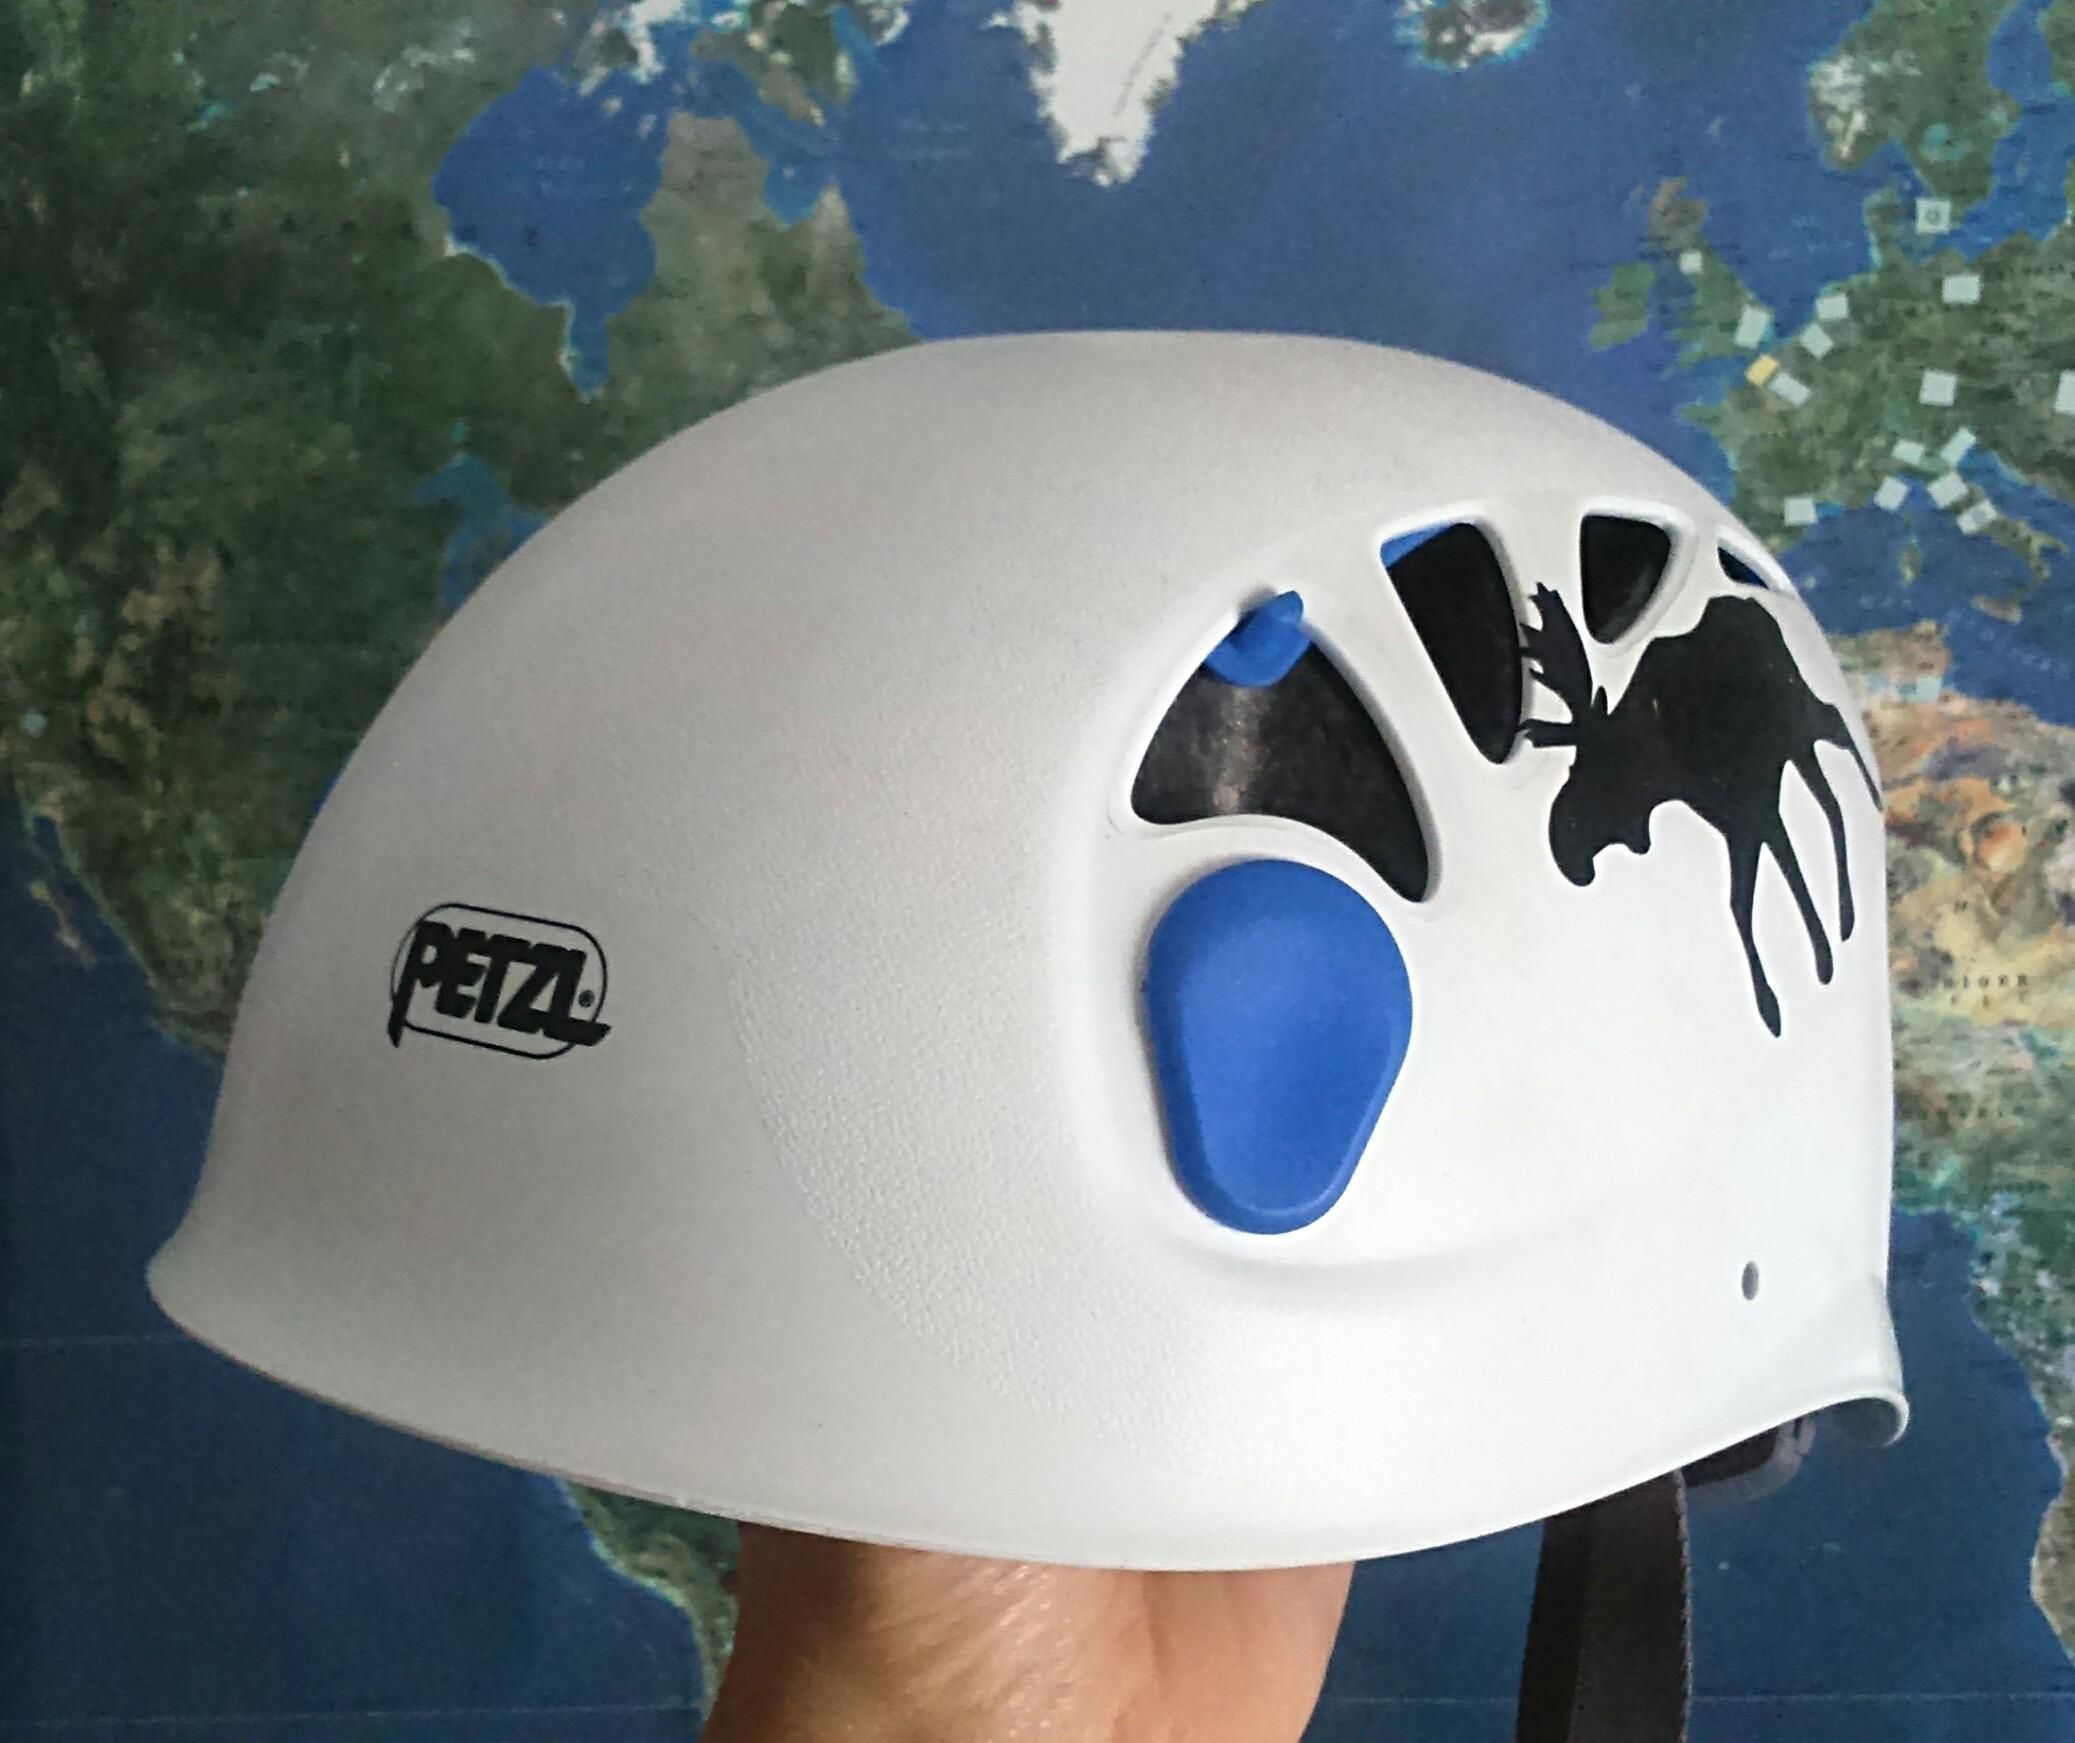 El casco es vital para comenzar a escalar. Es por la seguridad del escalador.